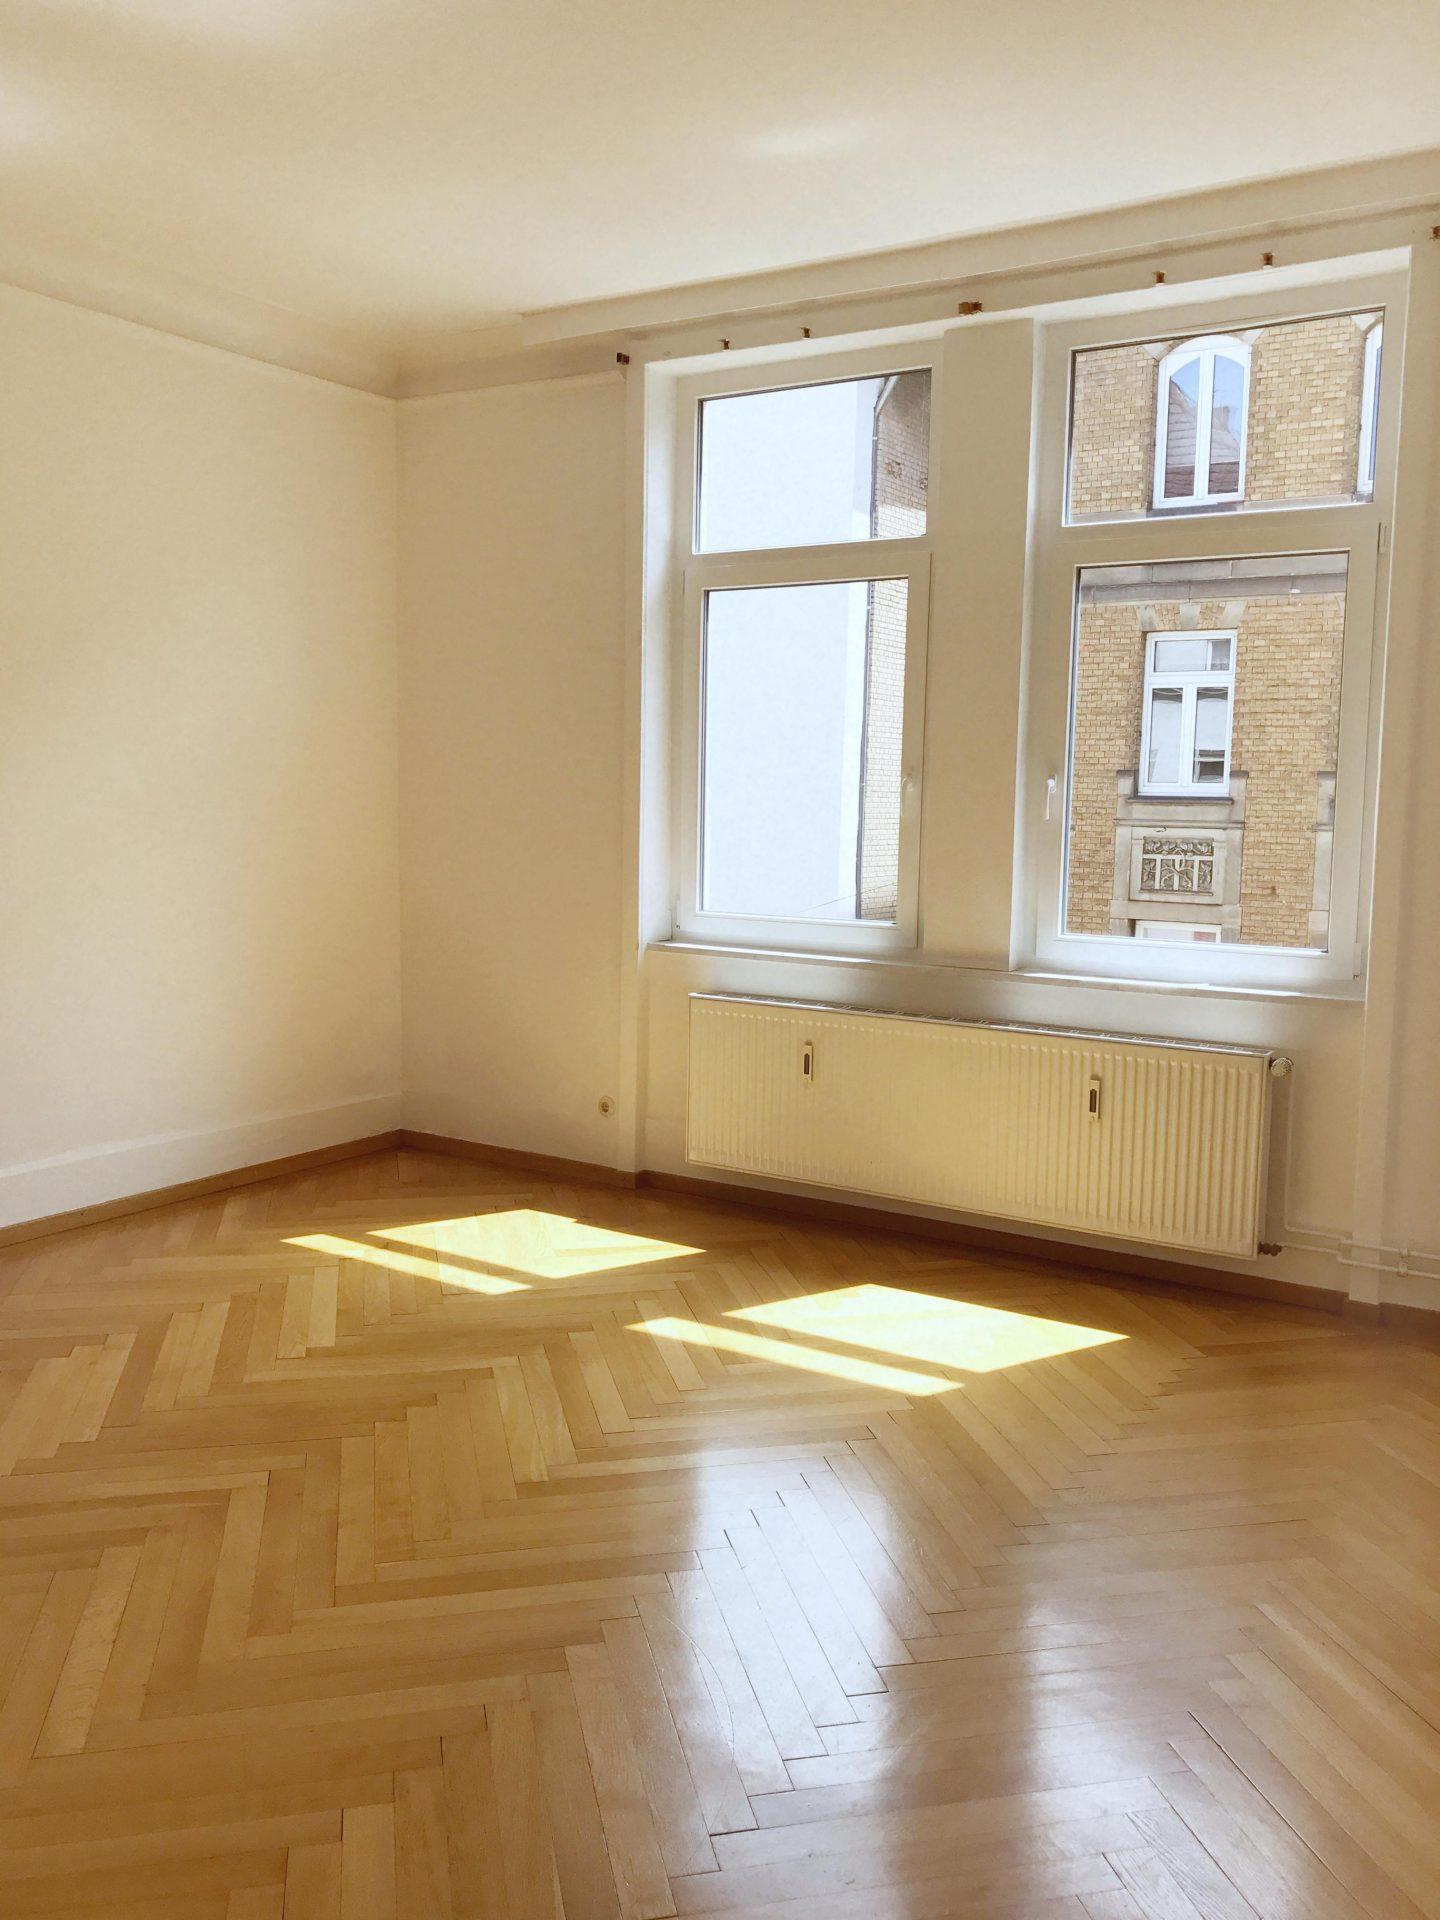 Da Ist Sie U2013 Meine Erste Richtige, Neue Wohnung. Heute Zieh Ich Um U2013 Nach  Eineinhalb Jahren (mit 6 Monaten Pause In Hamburg) In Einer 6er WG In ...